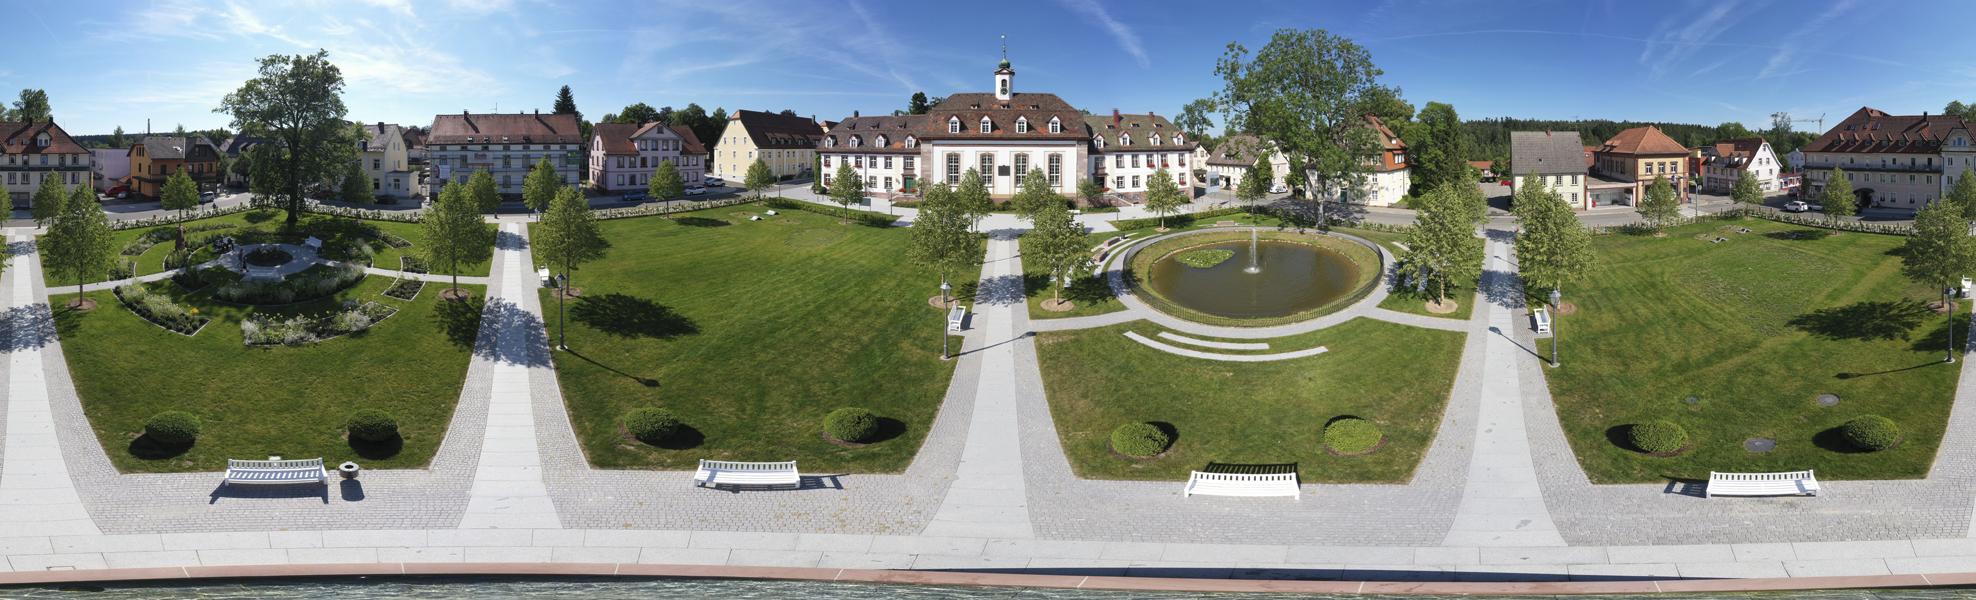 Gemeinde Königsfeld im Schwarzwald